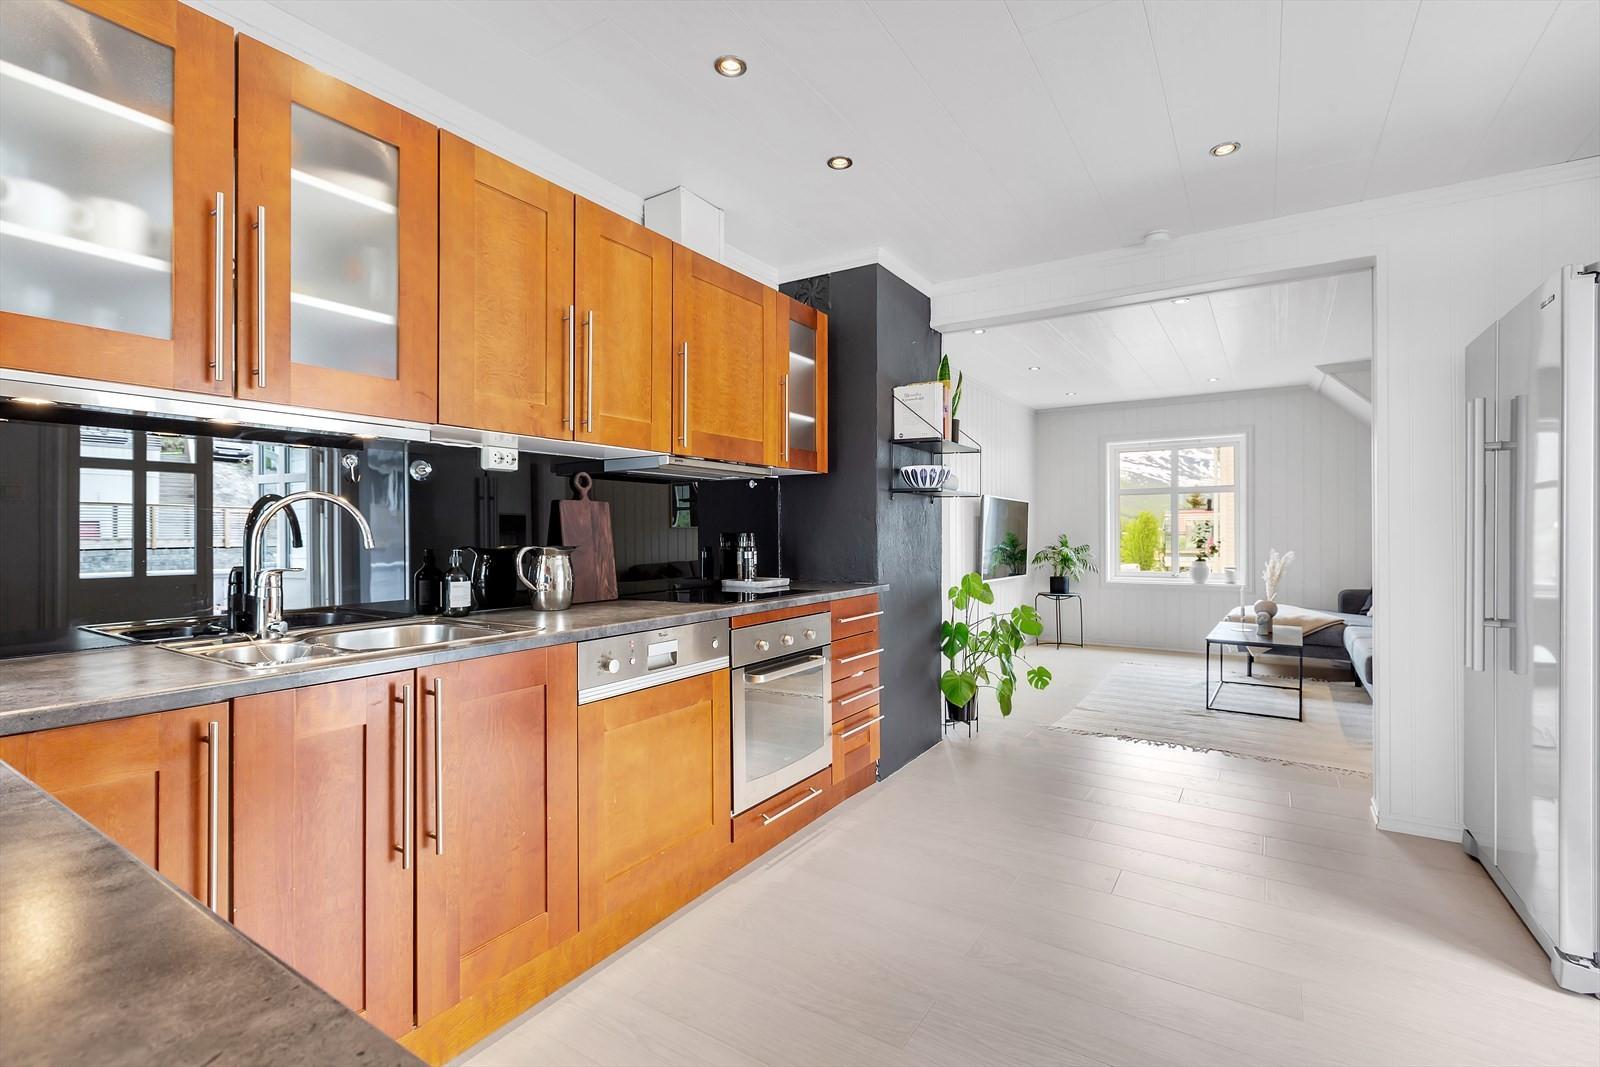 Pent kjøkken med mye skapplass og integrerte hvitevarer som følger med.